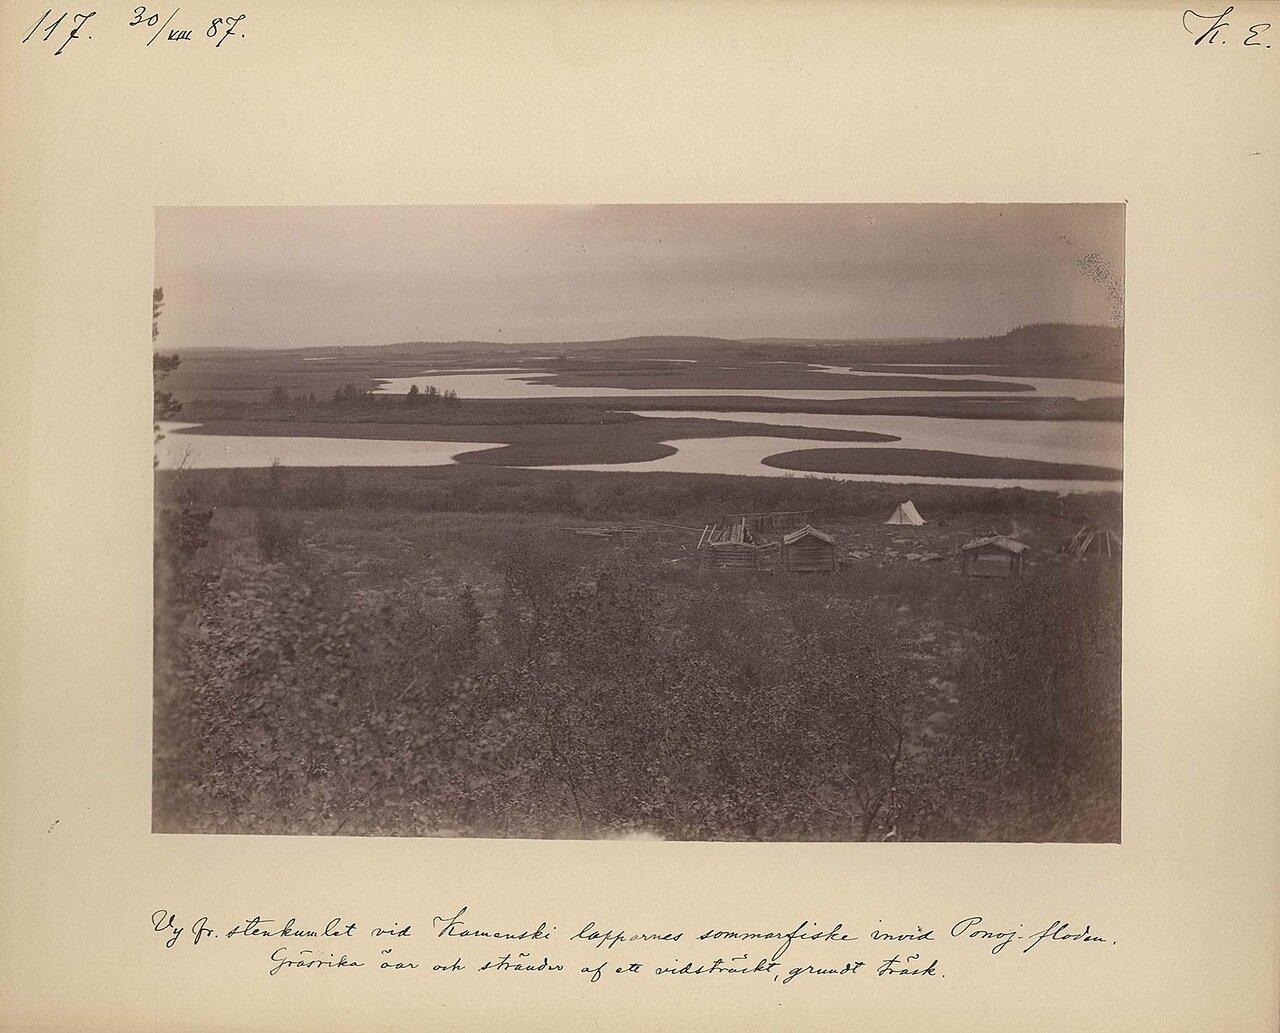 30.8.1887, утром. Вид саамской рыбачьей деревни на реке Поной